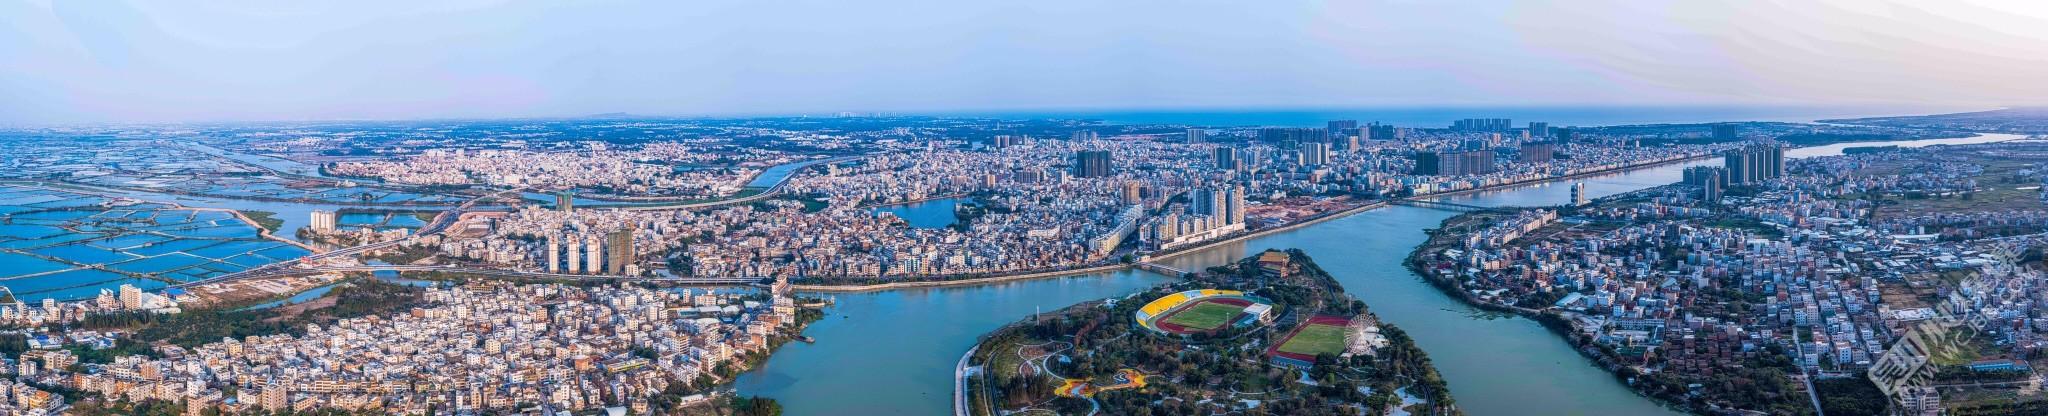 少點云彩的吳川城區全景